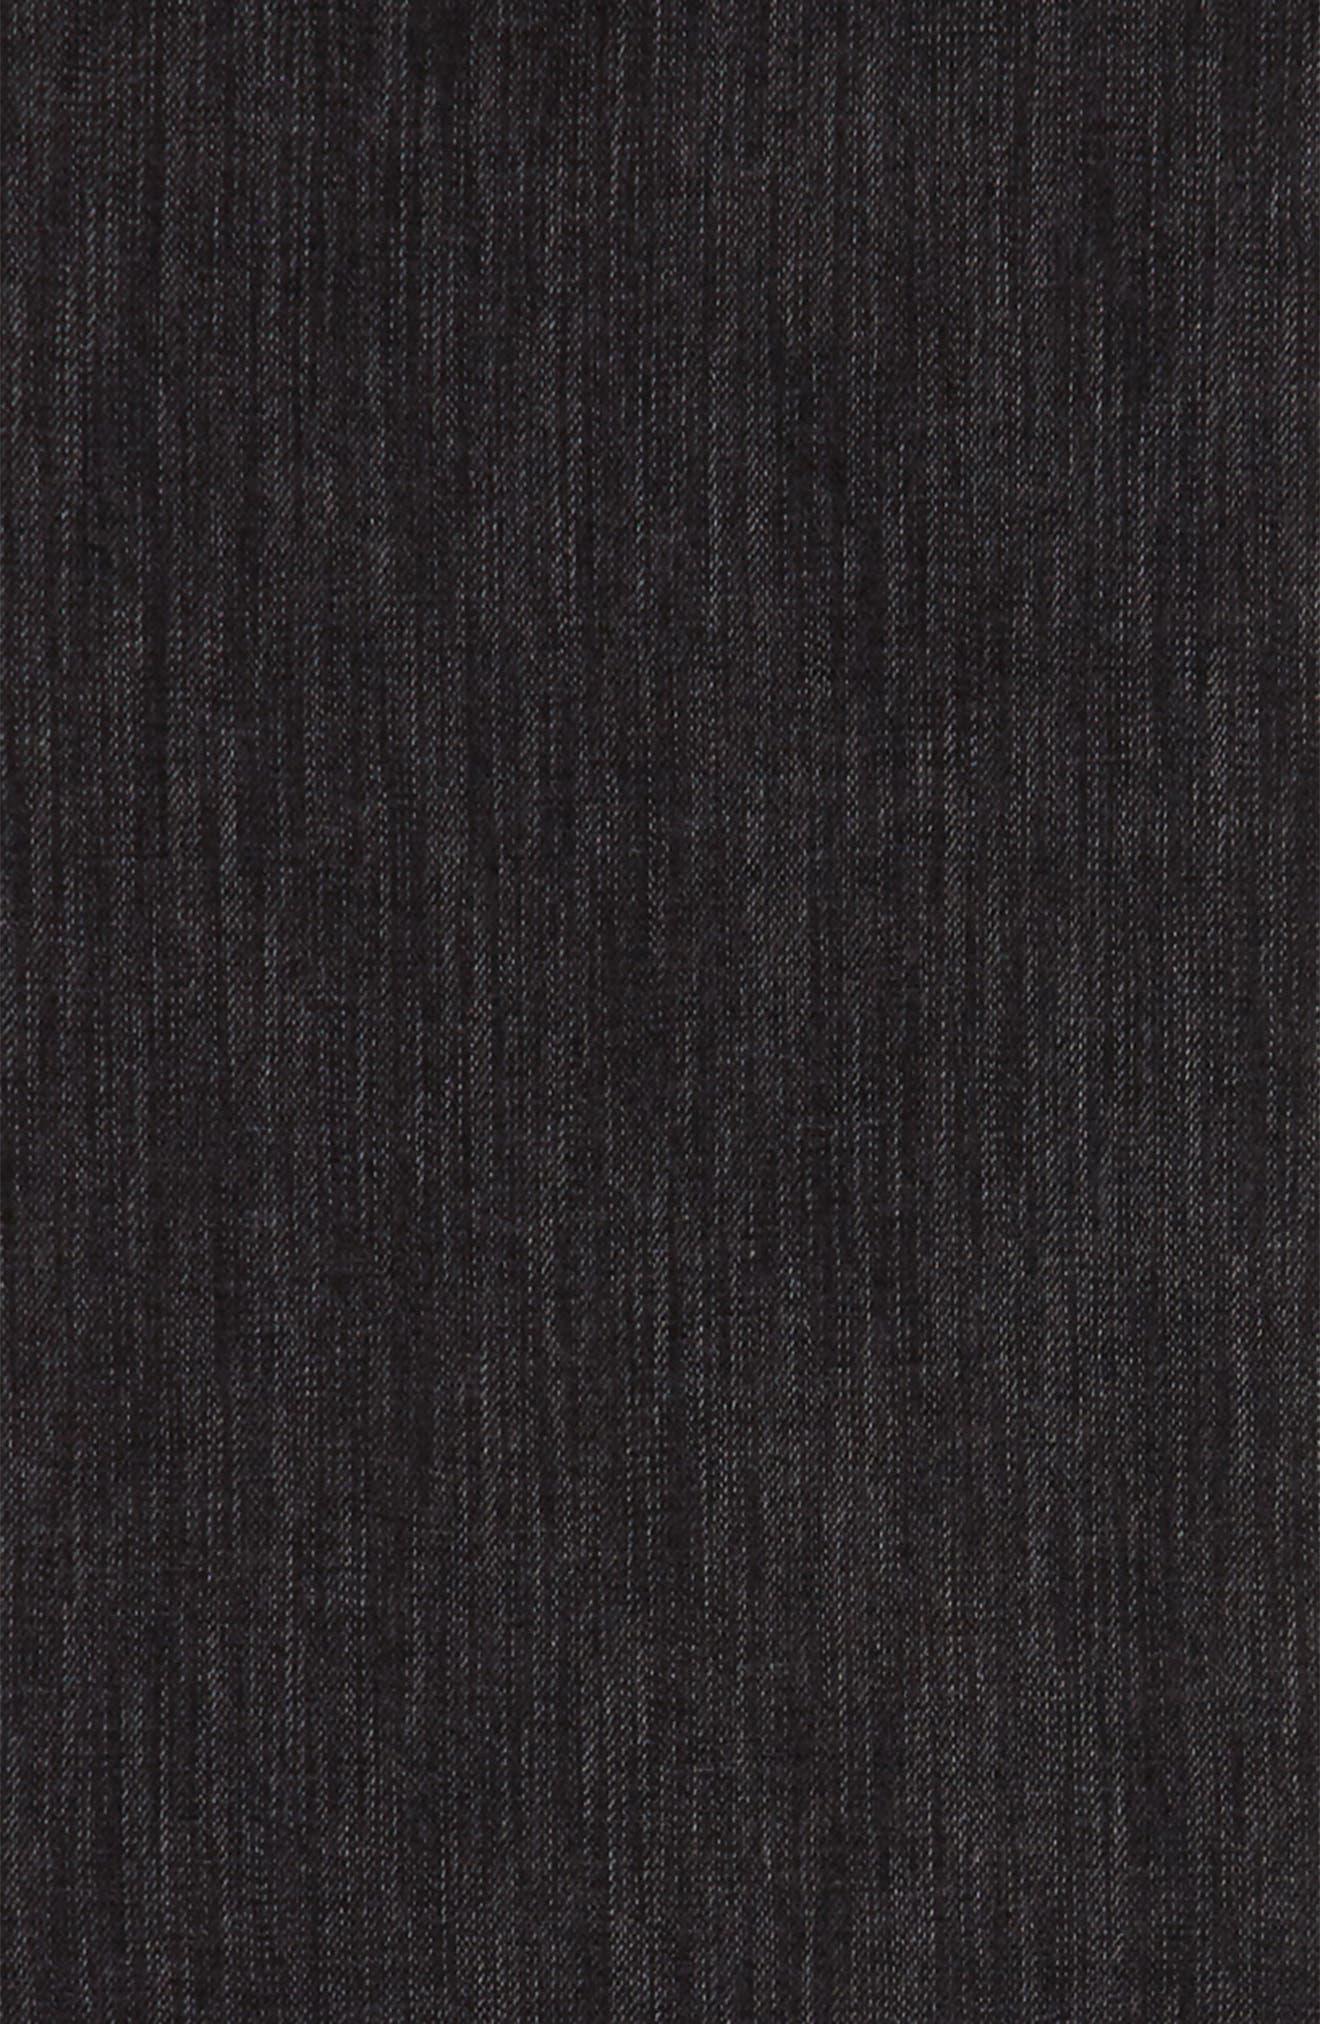 Alternate Image 3  - Polo Ralph Lauren Délavé Lightweight Wool Blend Scarf